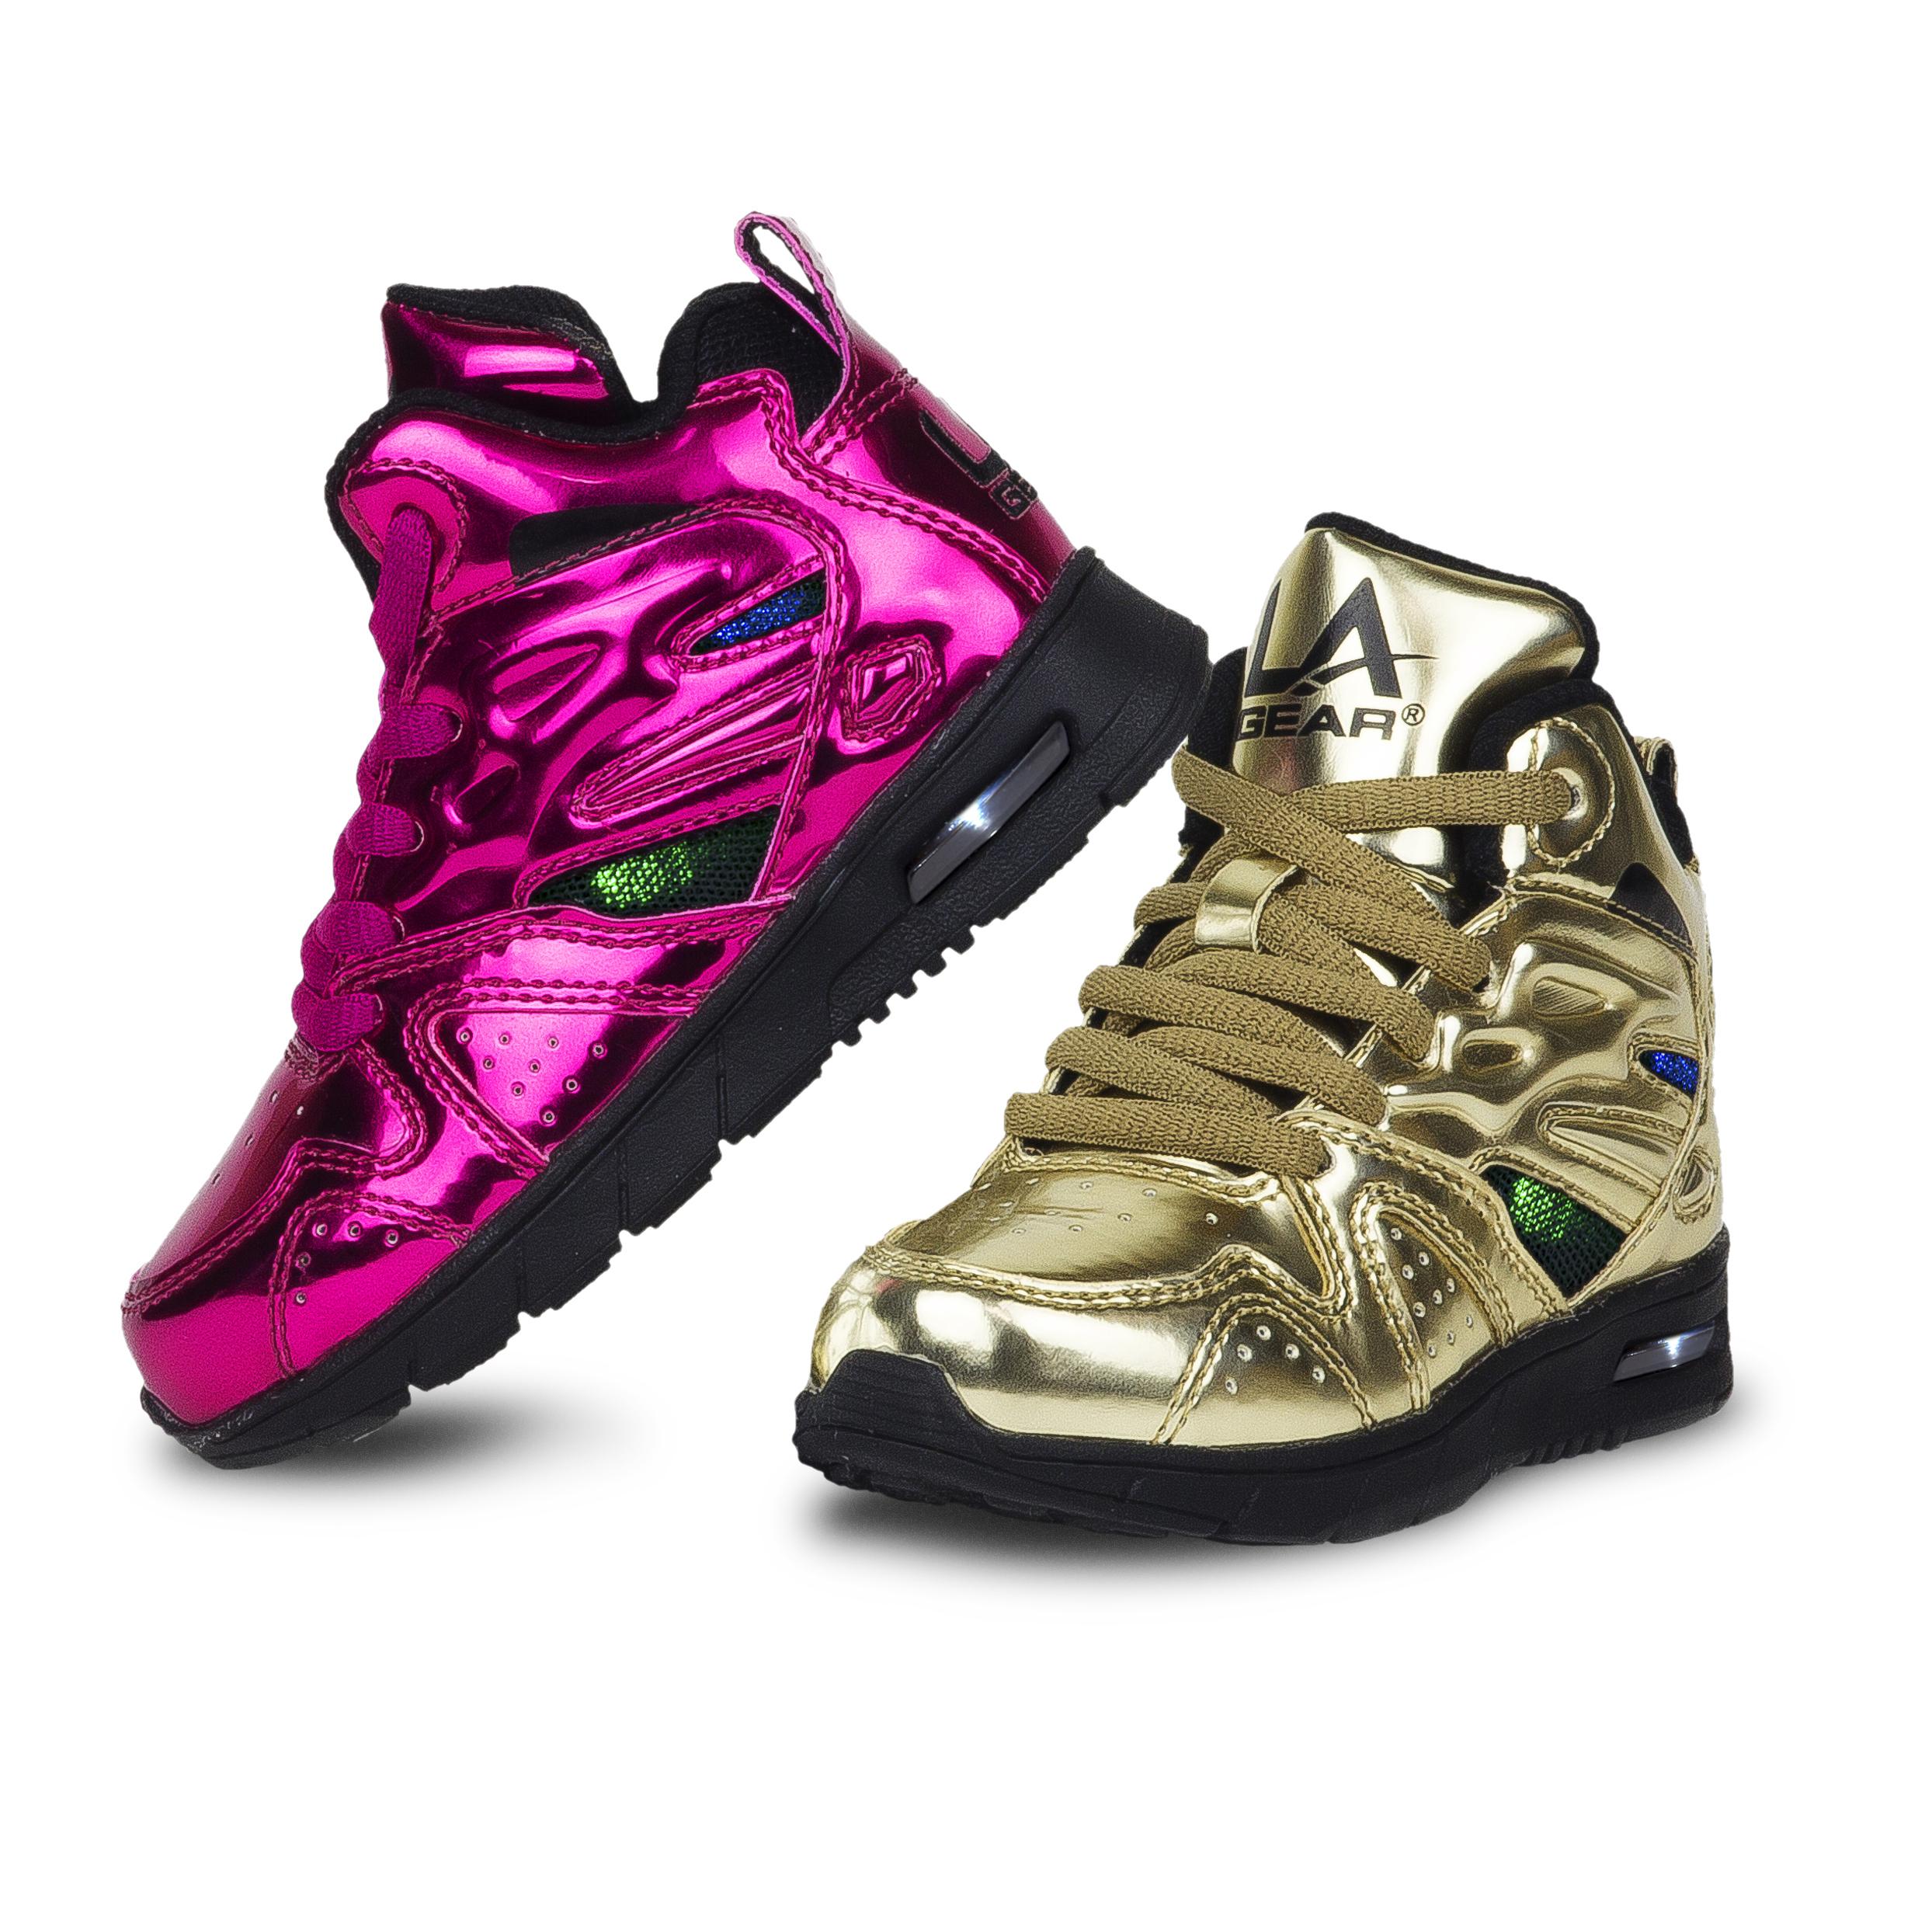 LA-GEAR-Kids-Shoes-01